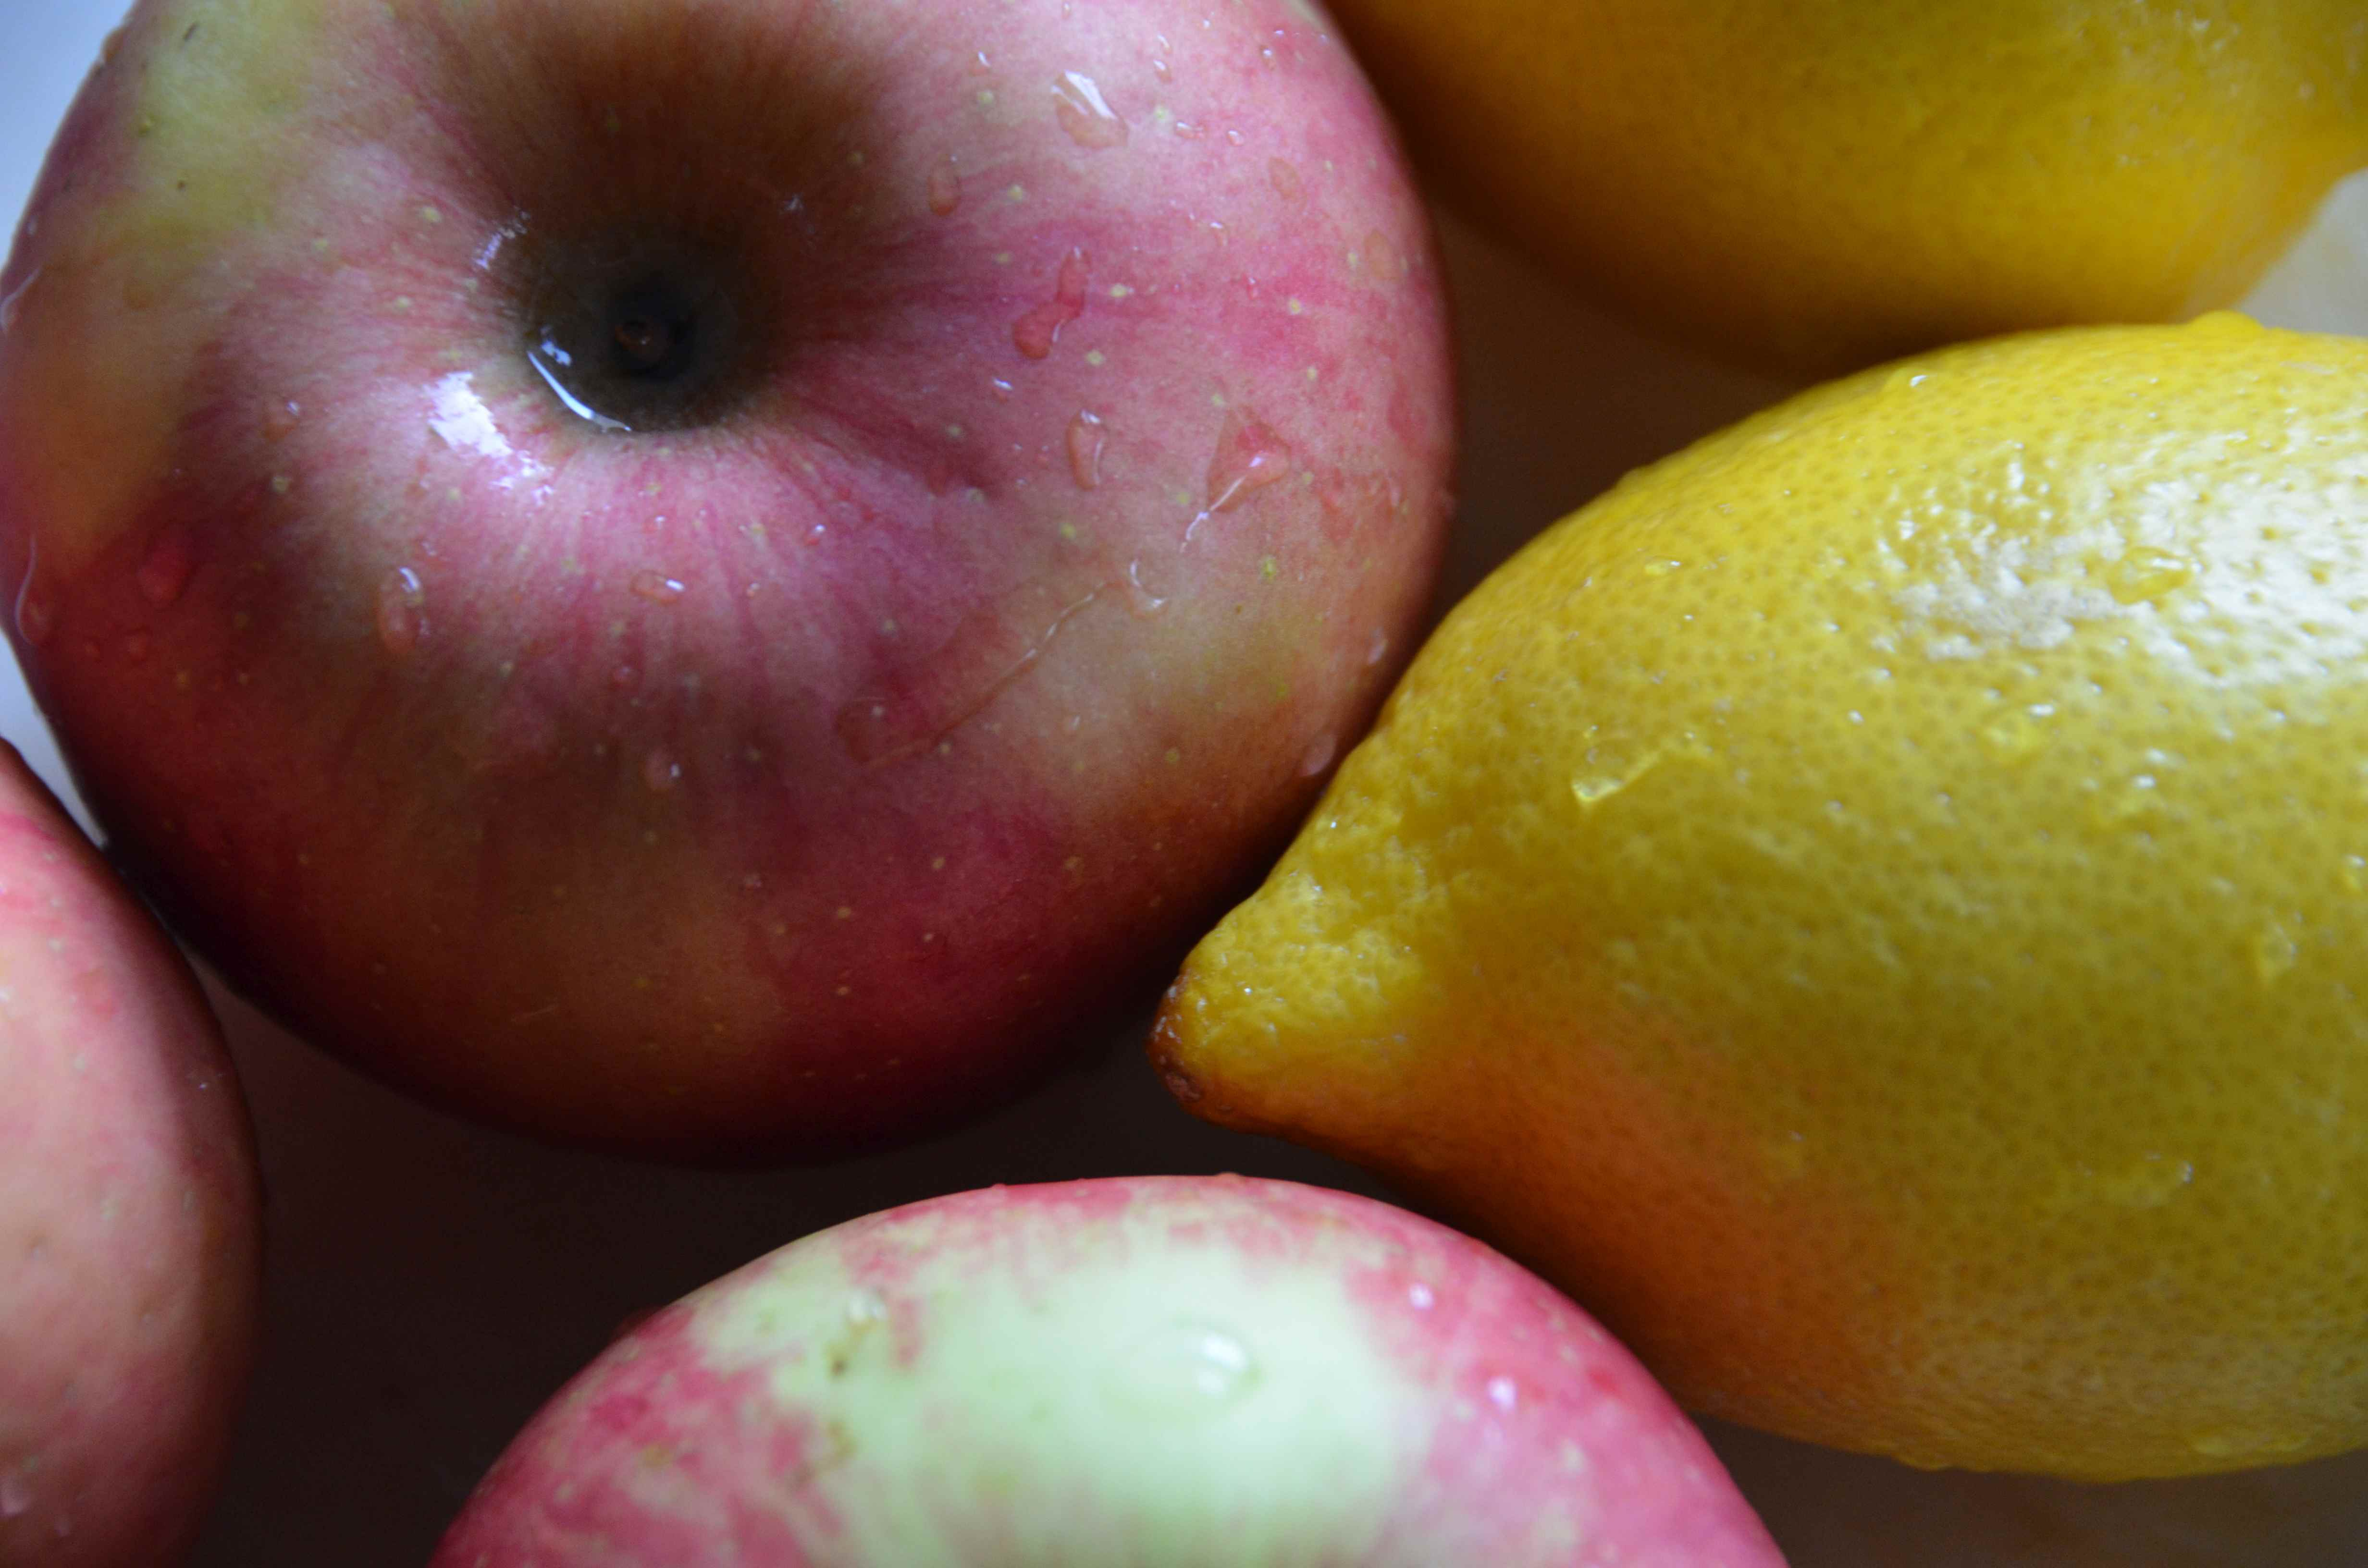 warzywa do diety oczyszczającej, odtruwającej organizm z toksyn. Jabłko i cytryna